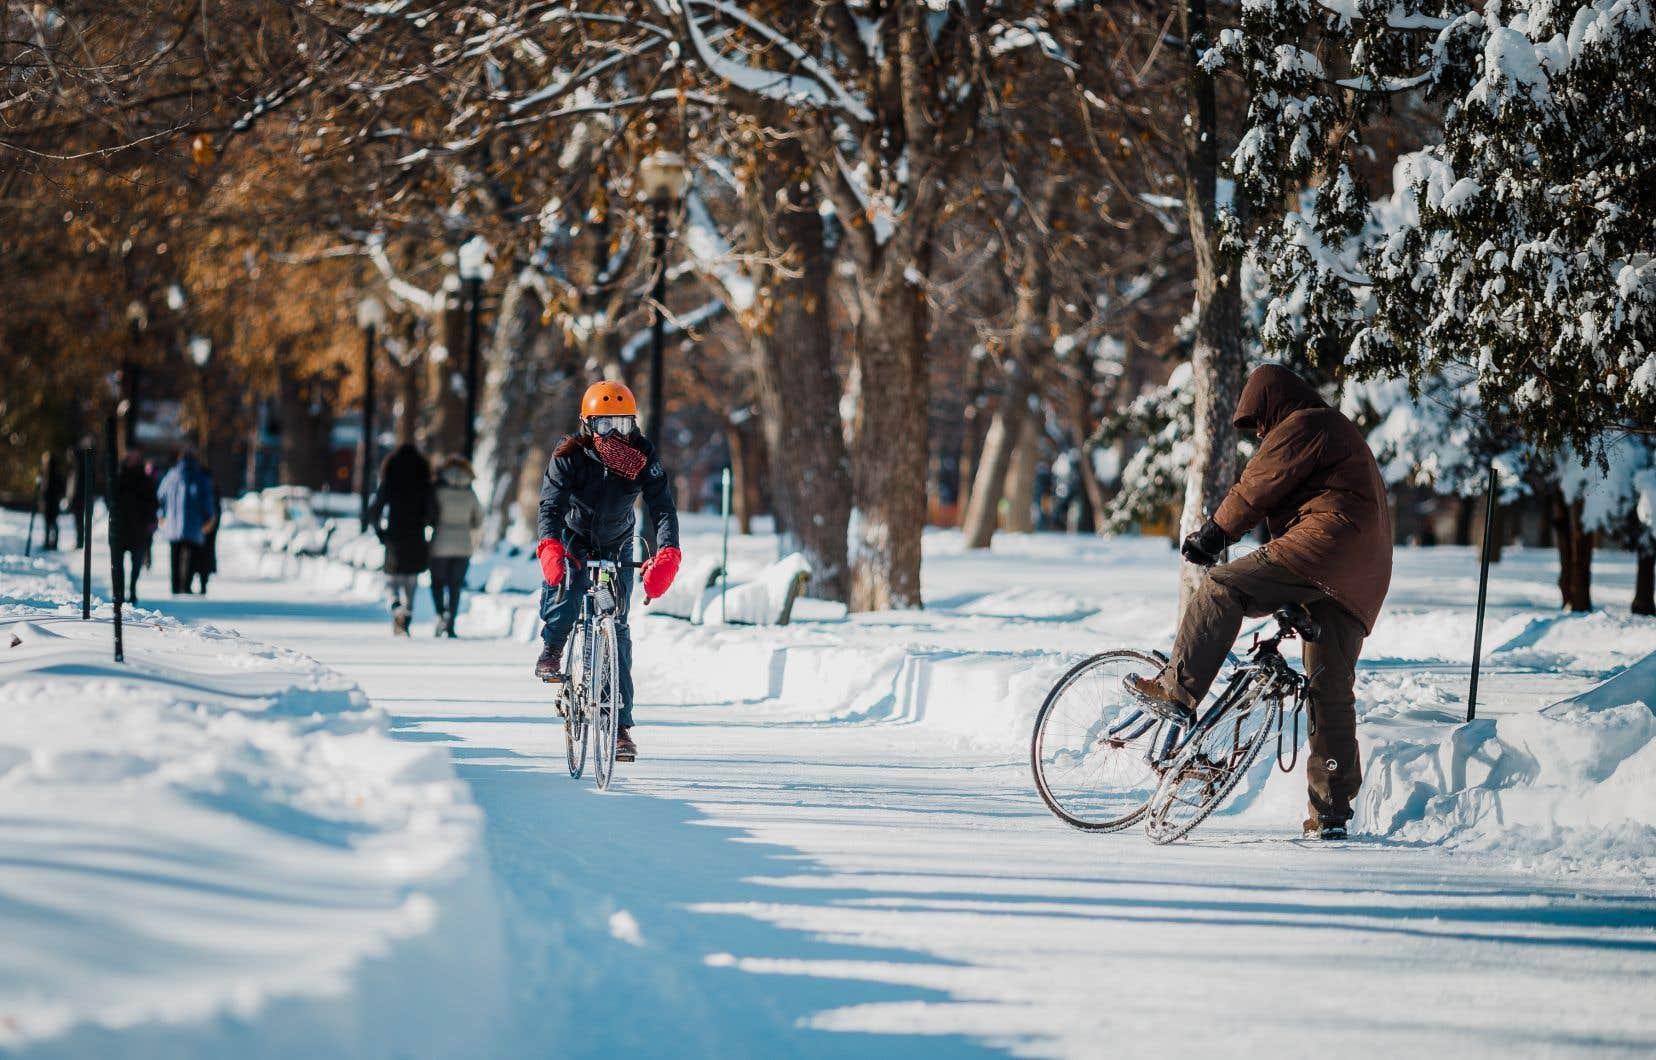 Le nombre de cyclistes hivernaux sur les pistes les plus populaires de Montréal a bondi de 159% entre les années 2015 et 2017.